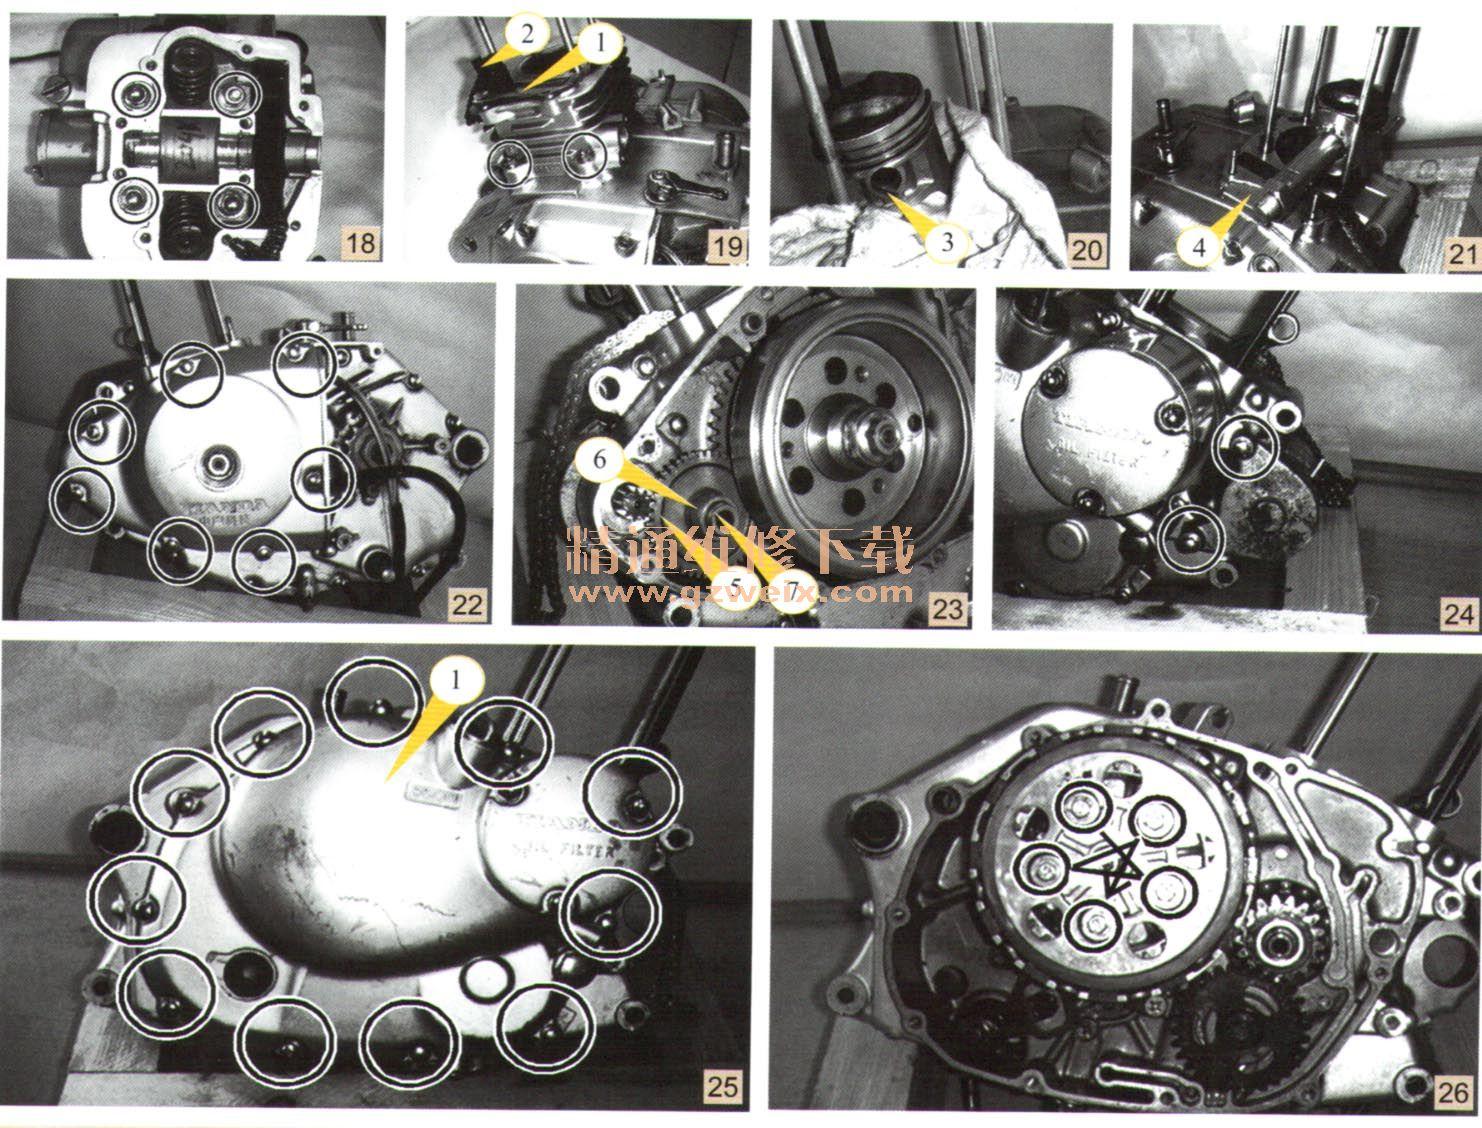 GS125发动机拆装实例图解 2